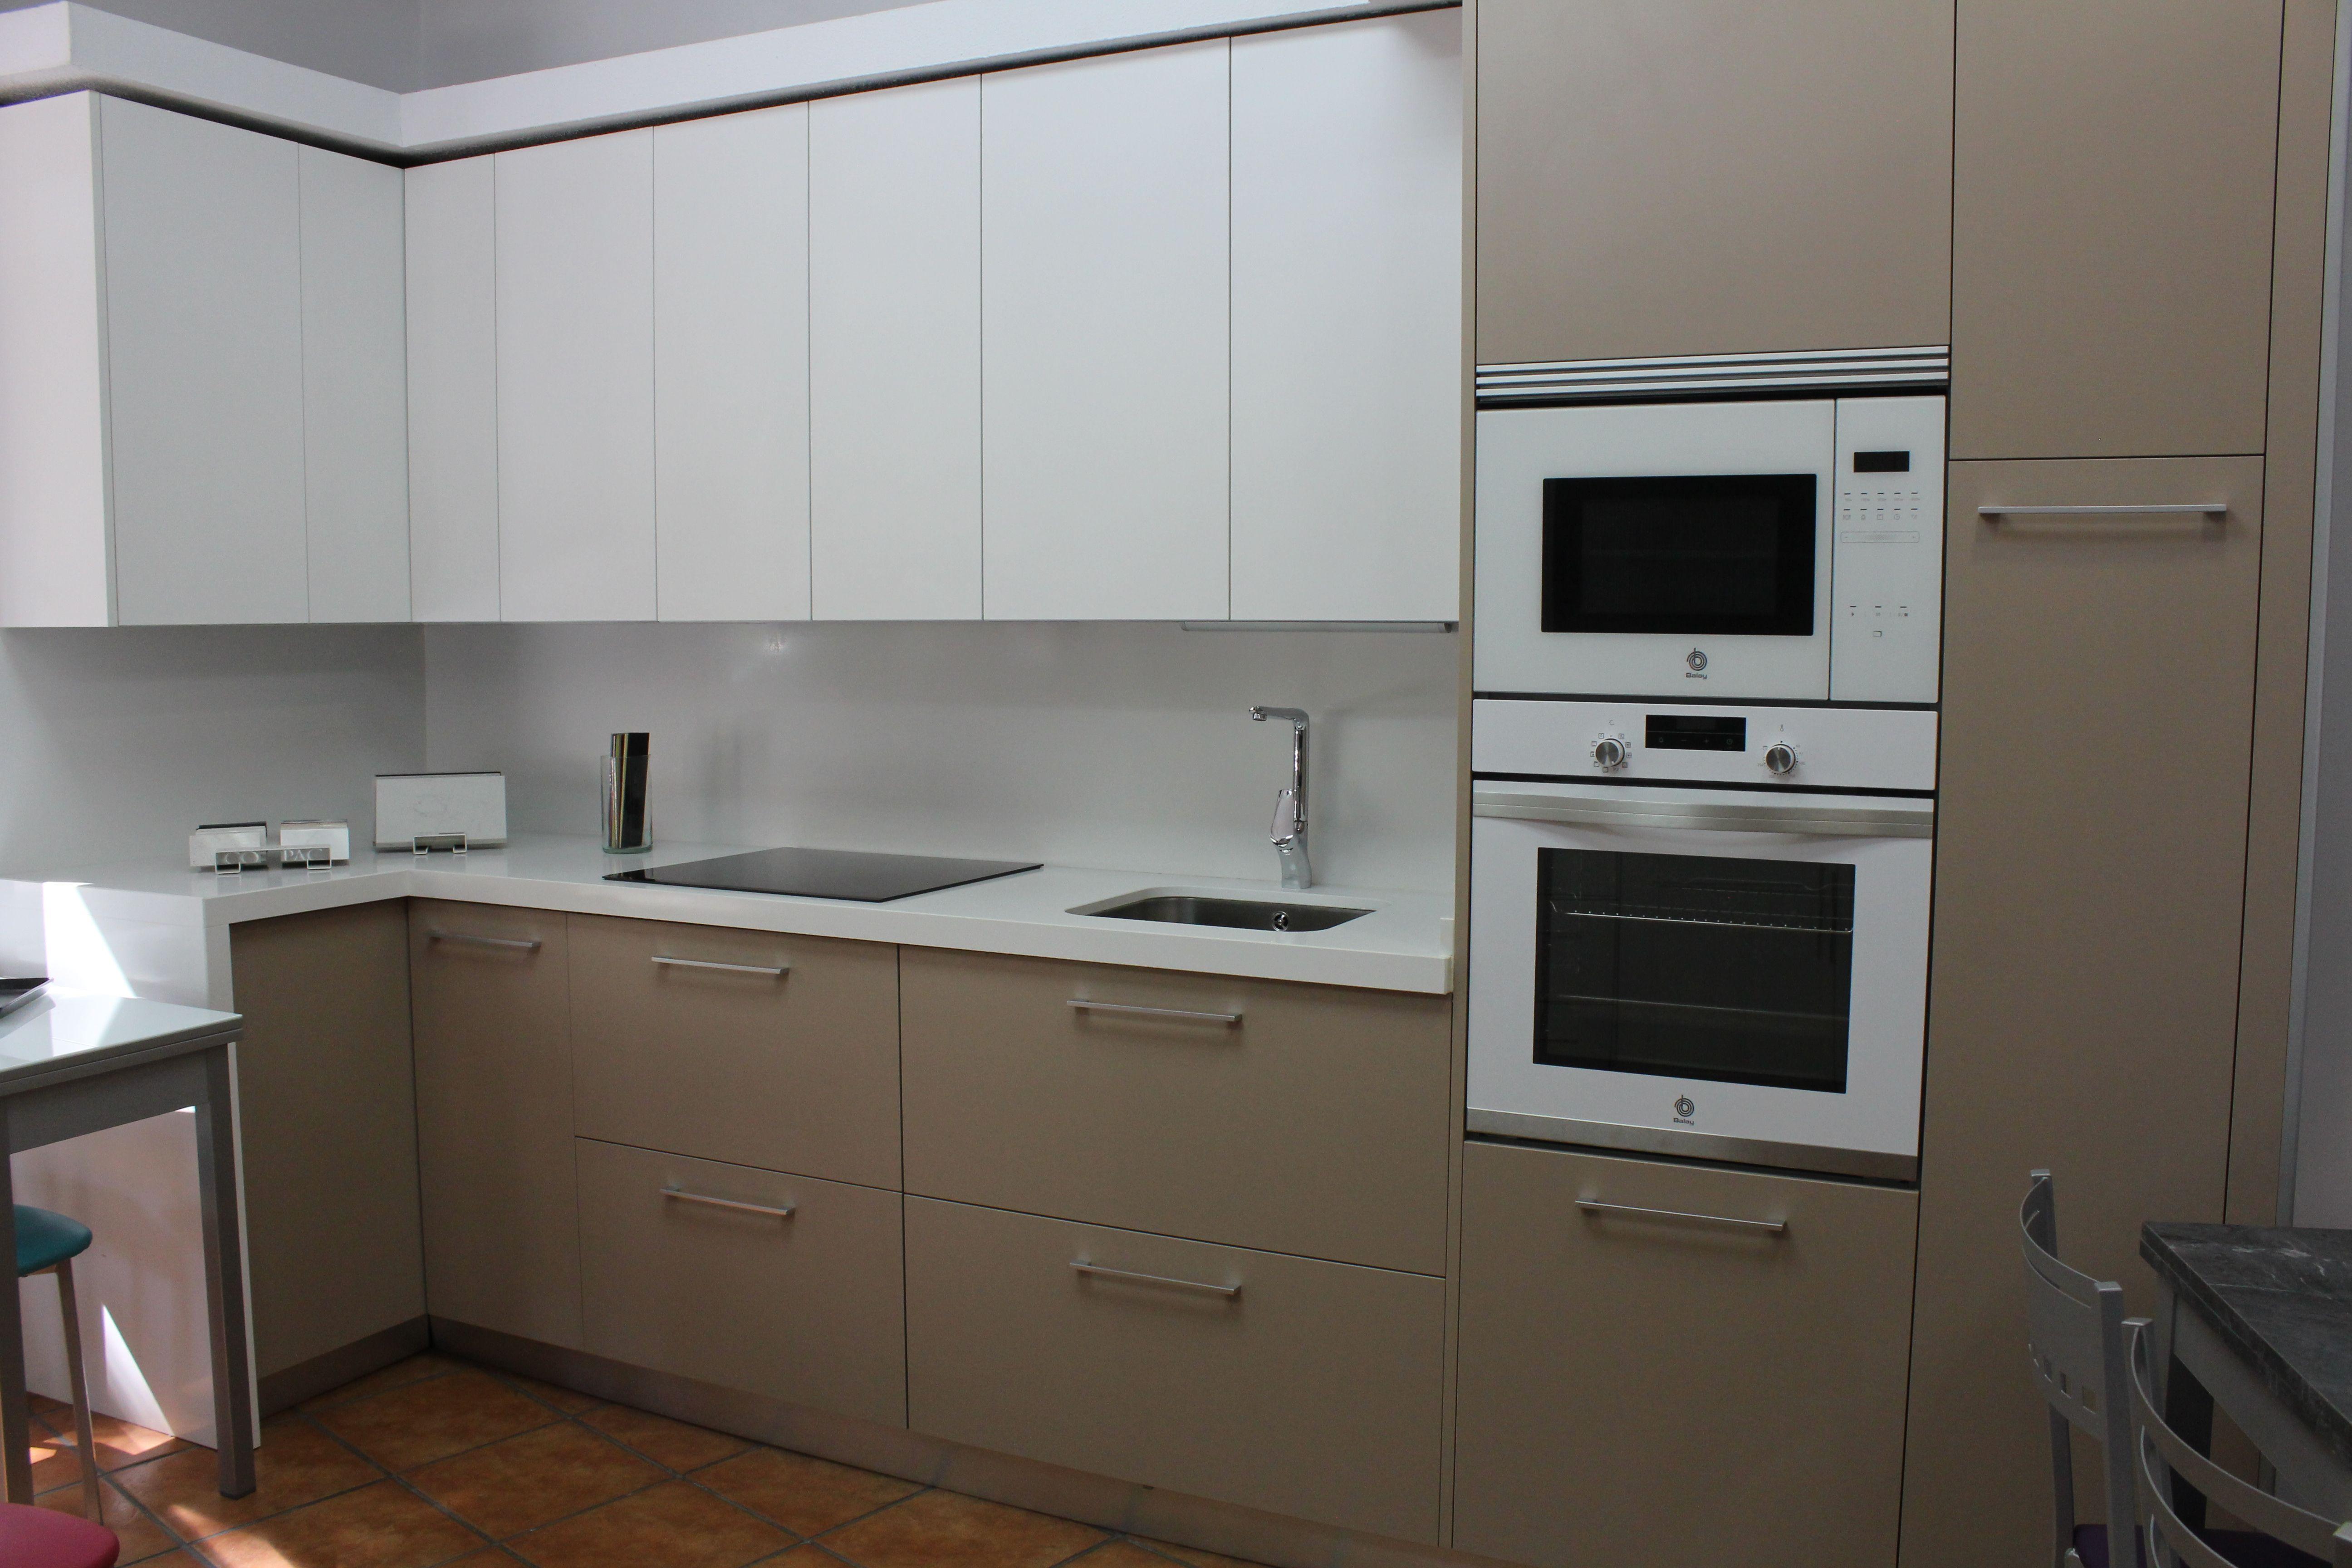 Foto 4 de Muebles de baño y cocina en Madrid | Muebles de Cocina Integralch